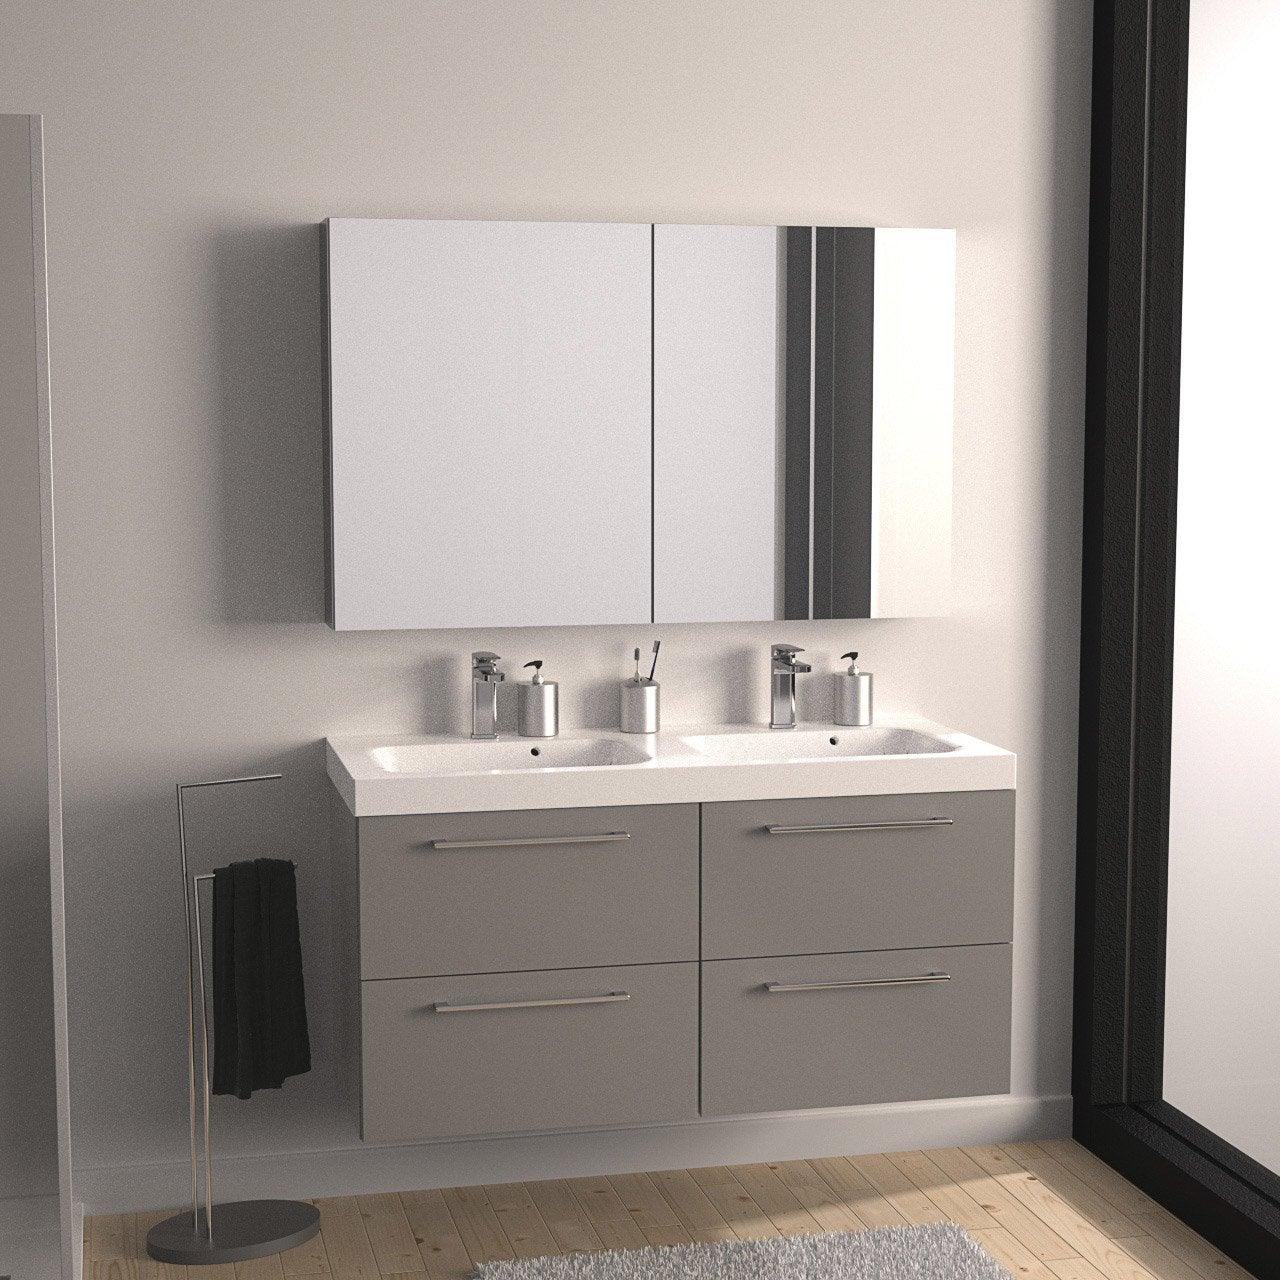 Meuble de salle de bains plus de 120 gris argent remix for Salle de bain 5m2 avec baignoire et douche